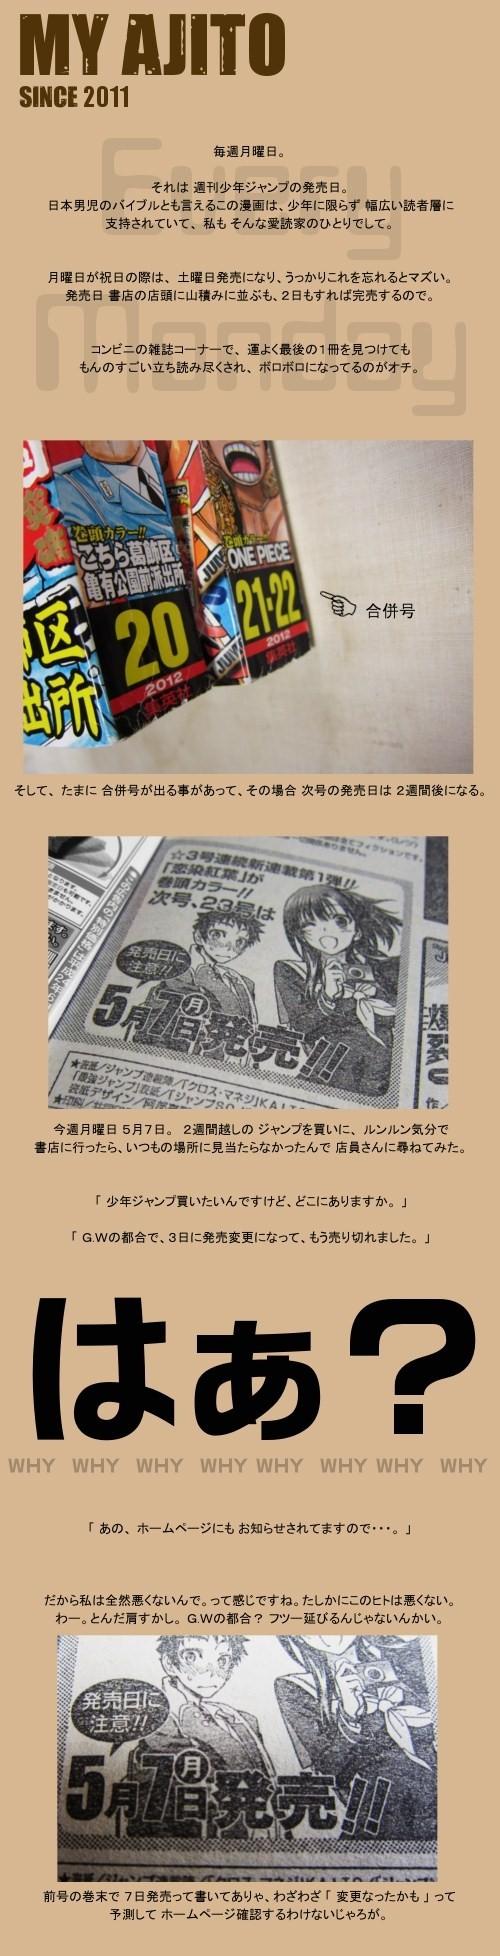 jp_ab_01.jpg